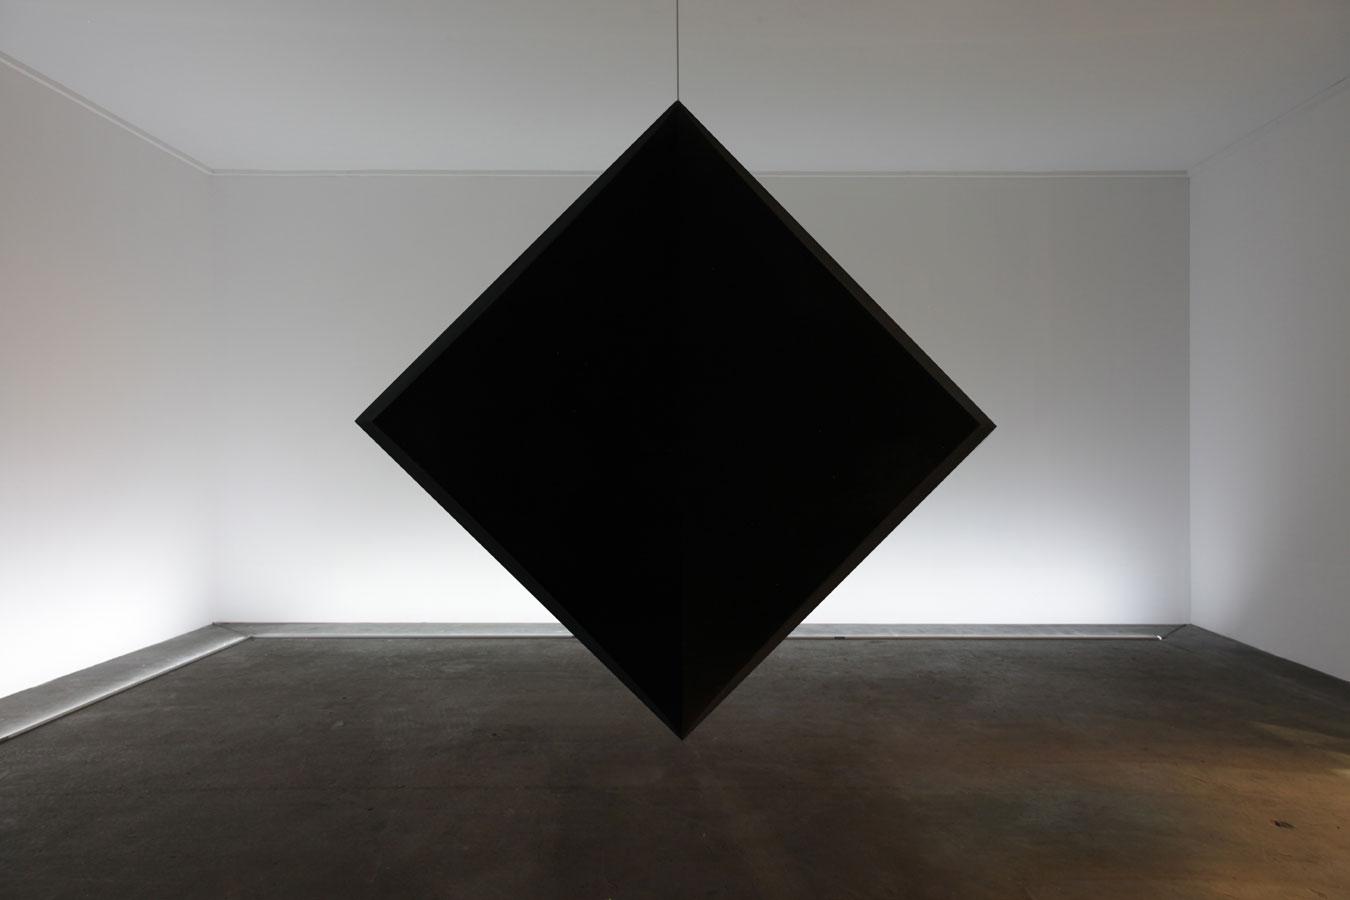 'Dark Matter', 2014 | Troika (Eva Rucki, Sebastien Noel, Conny Freyer)